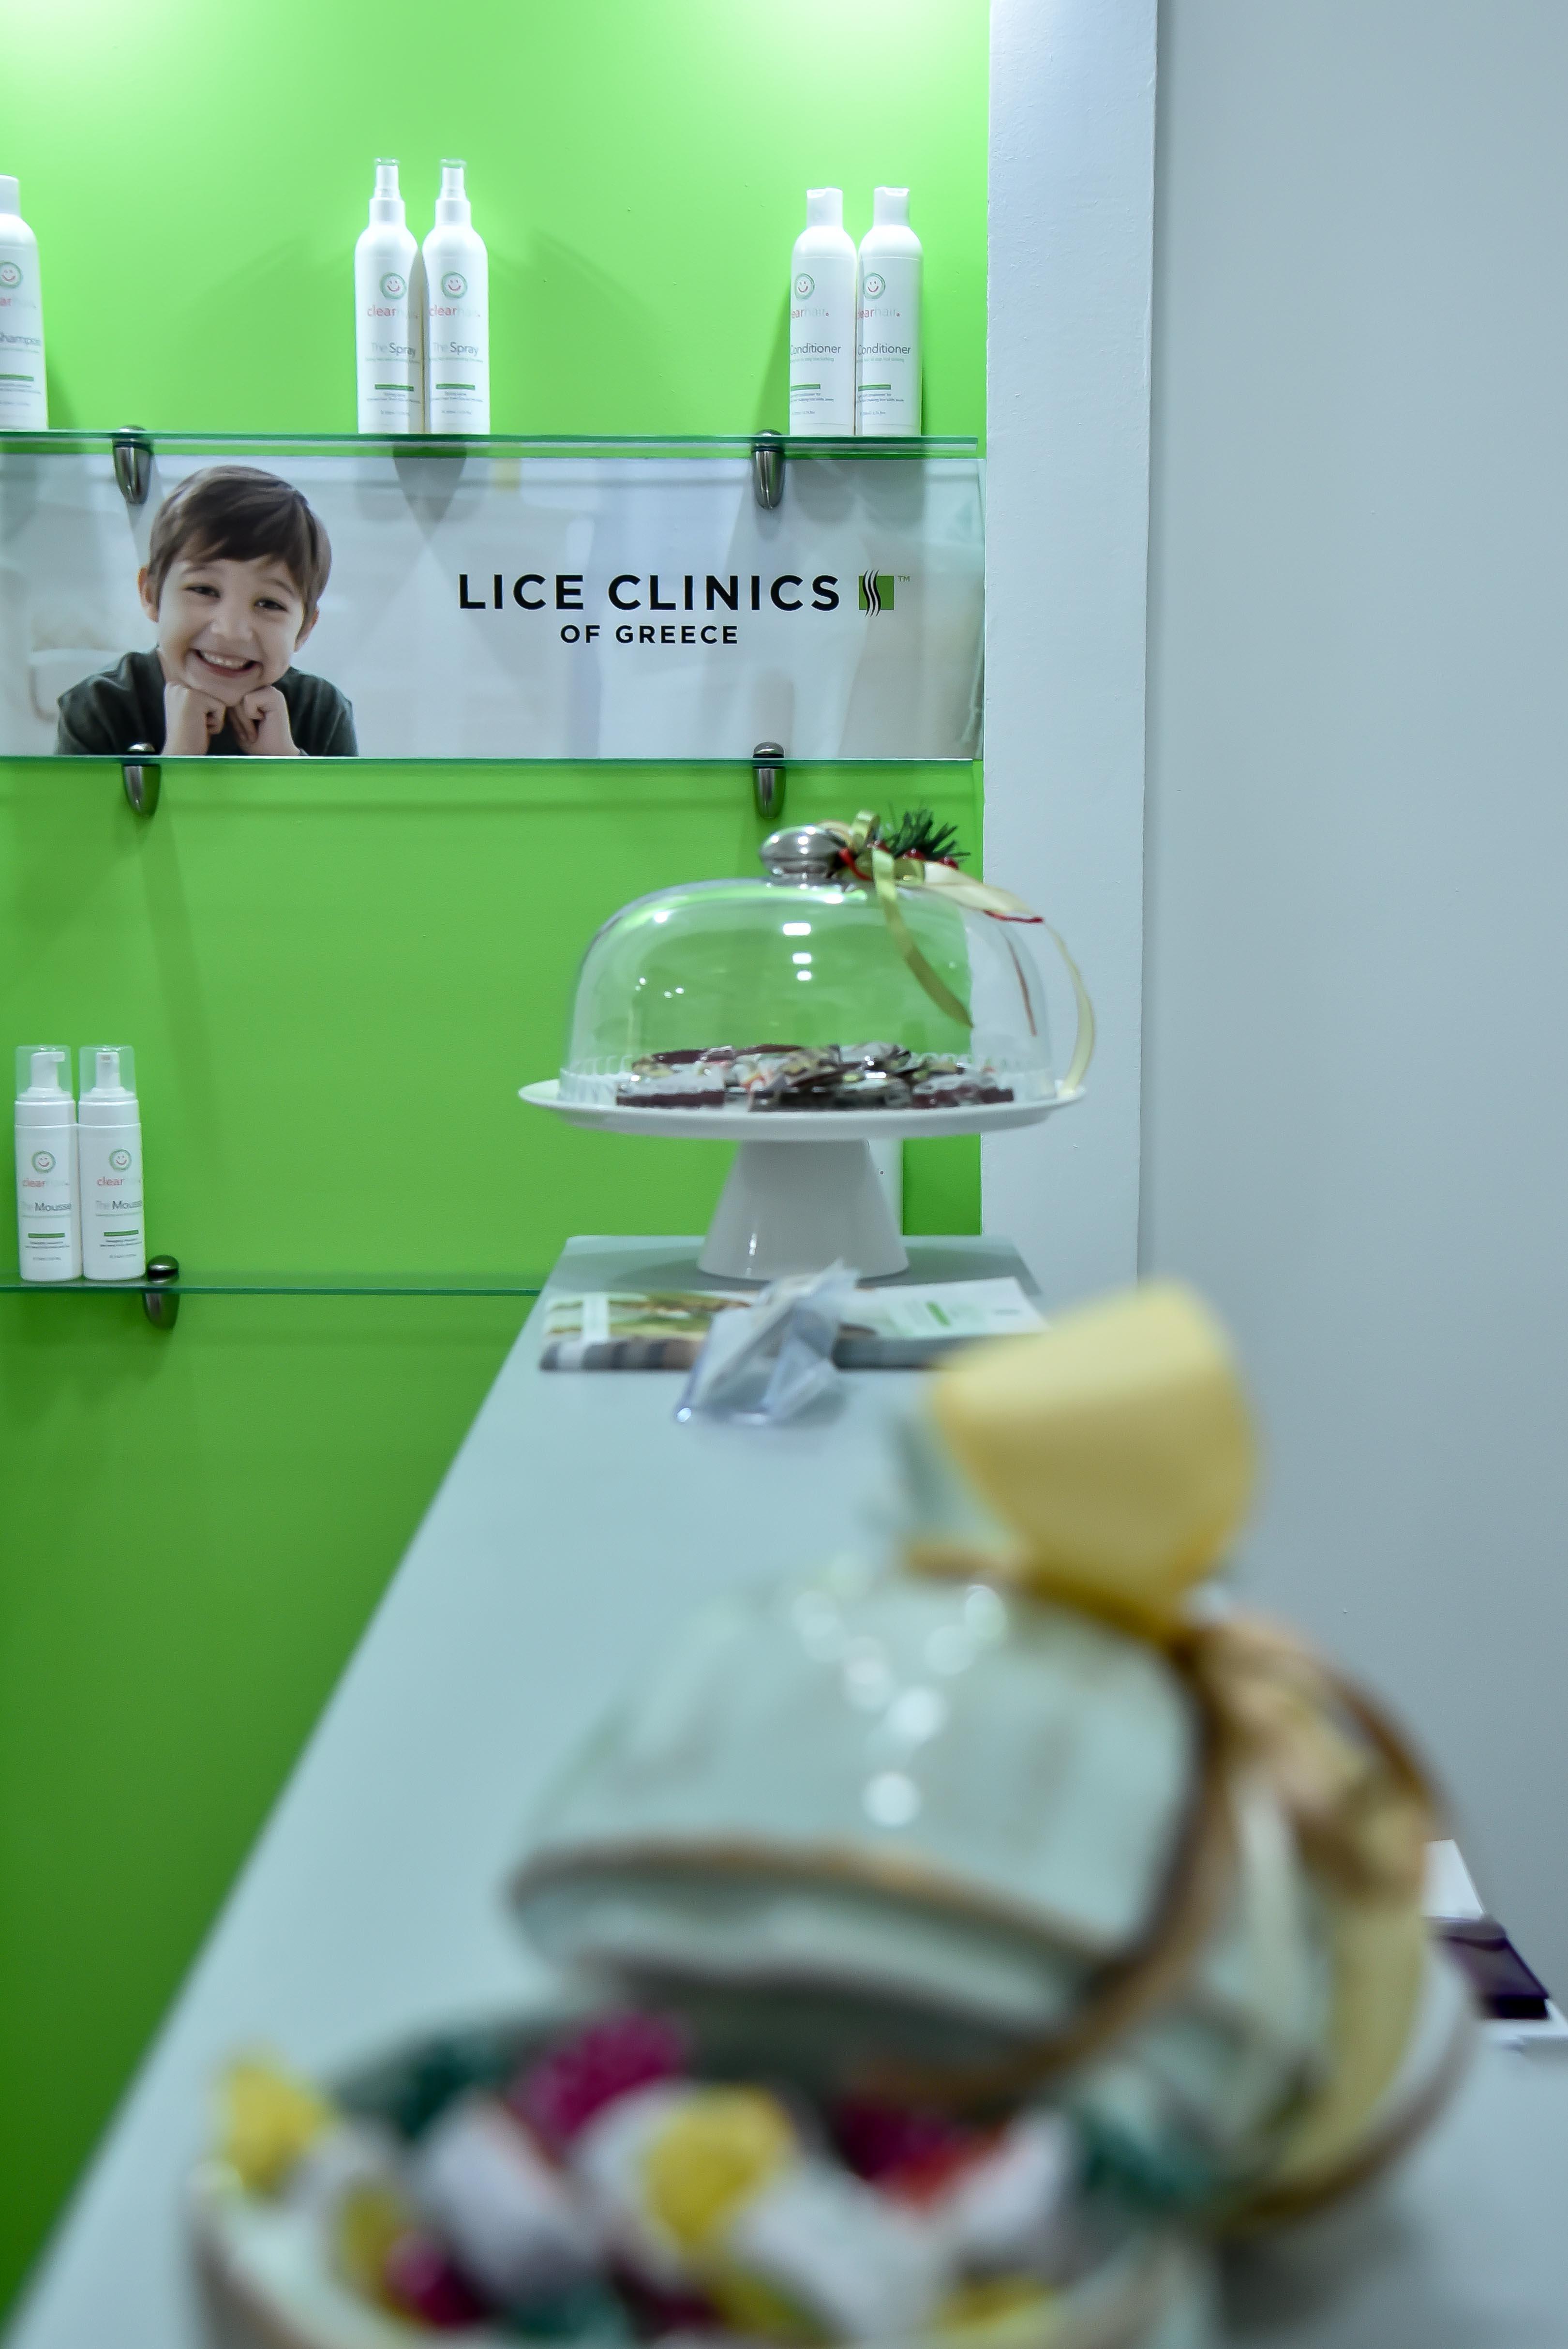 LAZ 1136 - Lice Clinics: Όλες οι Λαρισαίες μαμάδες θα το λατρέψουν!